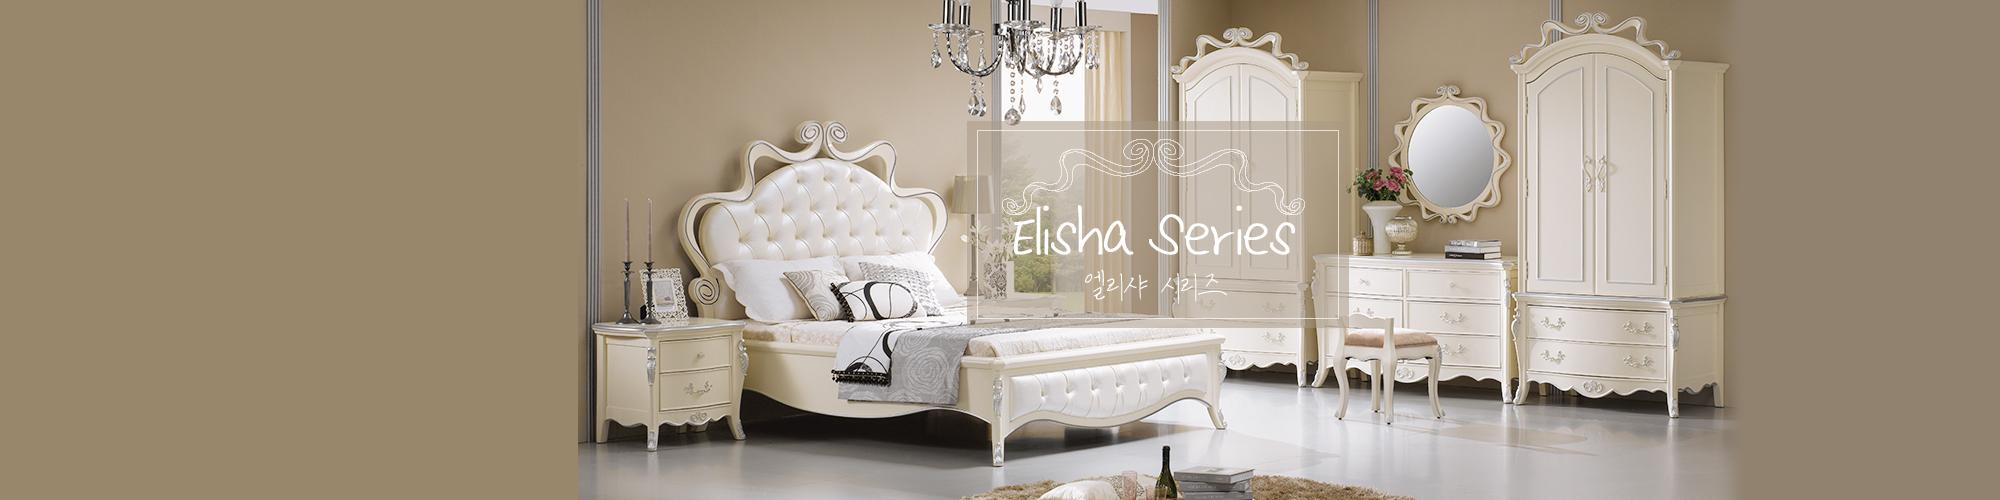 엘리샤시리즈